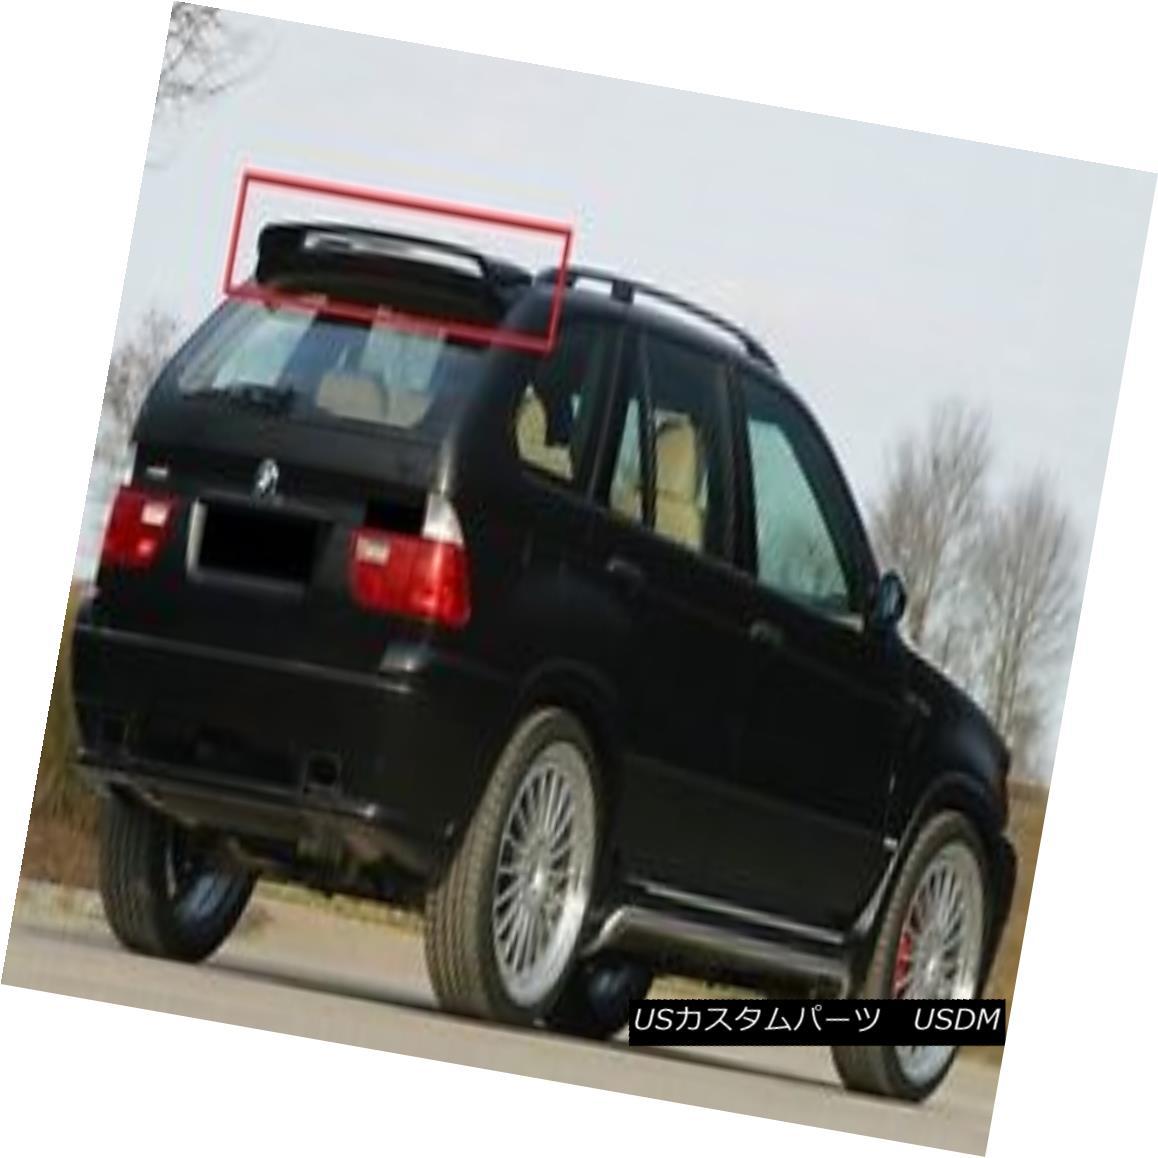 エアロパーツ BMW X5 E53 1999 - 2006 REAR ROOF SPOILER NEW BMW X5 E53 1999 - 2006リアルーフスポイラーNEW